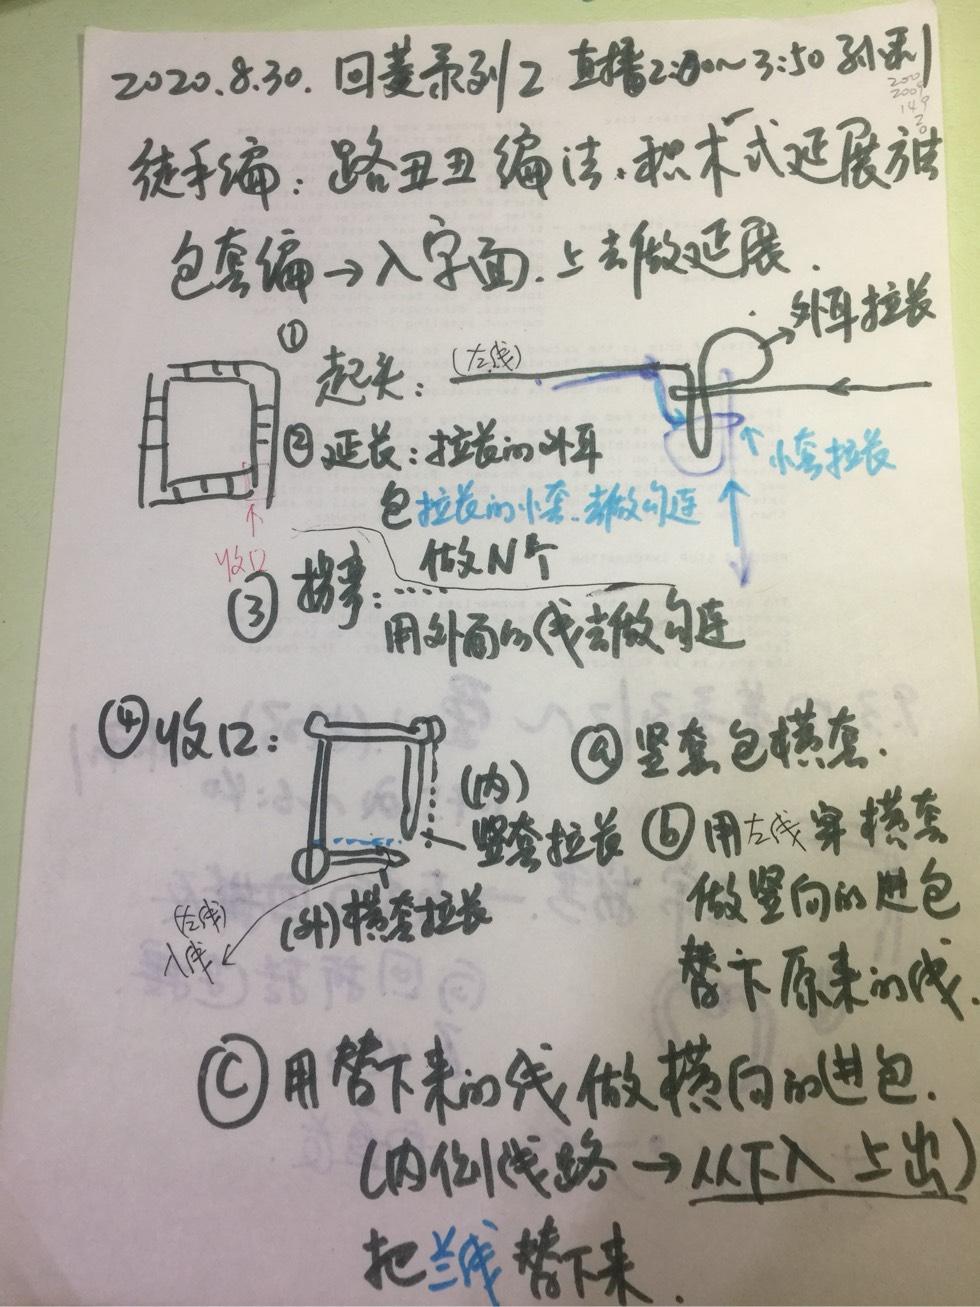 中国结论坛 徒手编回菱盘长系列教学2--回菱盘长的收口编法与技巧 双回菱盘长结编法图解,回菱盘长结,回菱滴水盘长结,双胞胎盘长结打法图解 视频教程区 174920a37i8e61vo2zyy2e